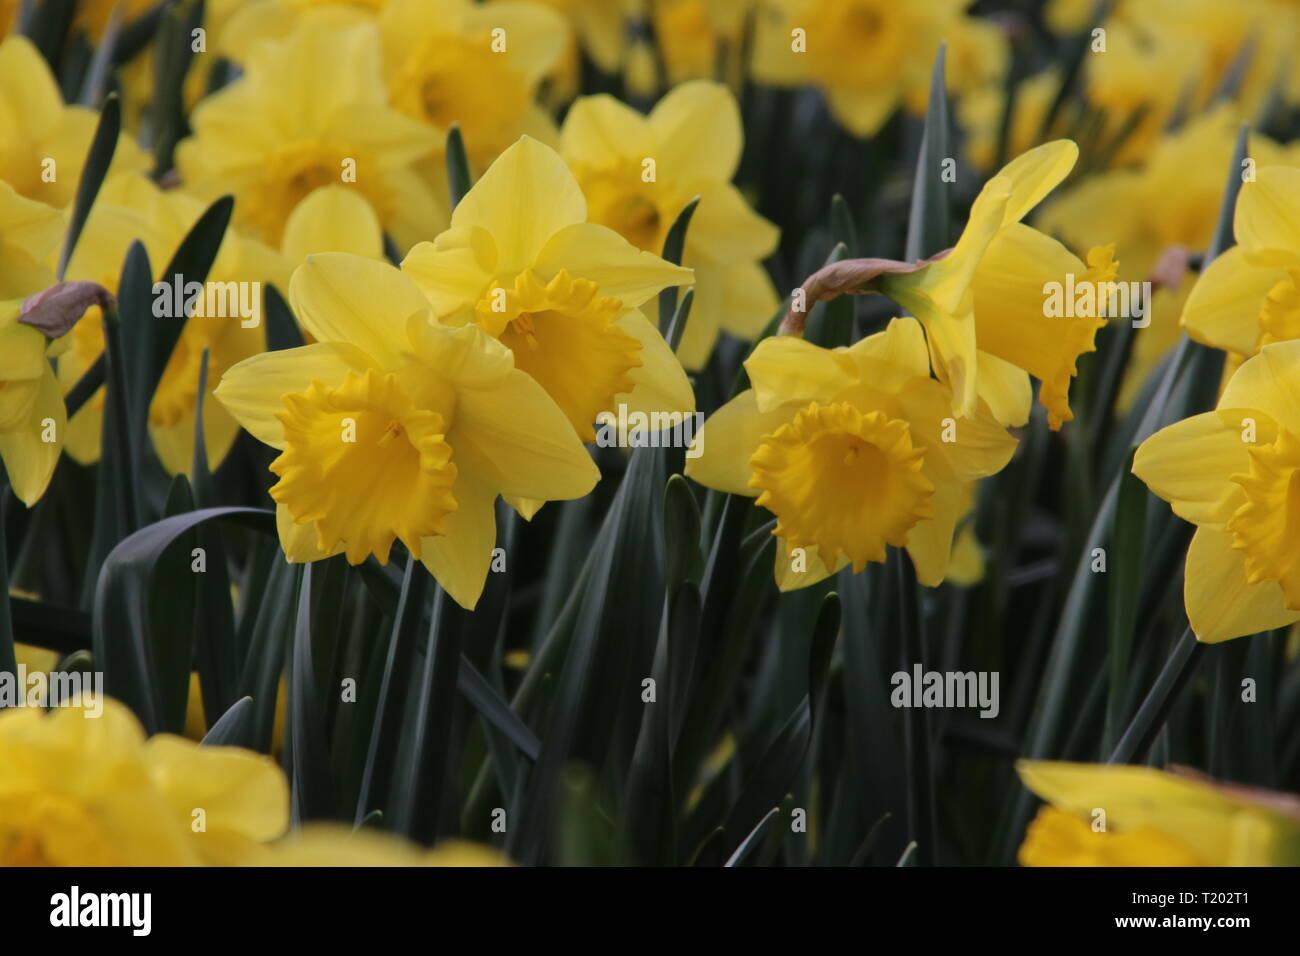 Fiori Gialli Simili Al Narciso.Fiori Gialli Di Nome Narciso O Daffodil In Erba Nel Parco Pubblico